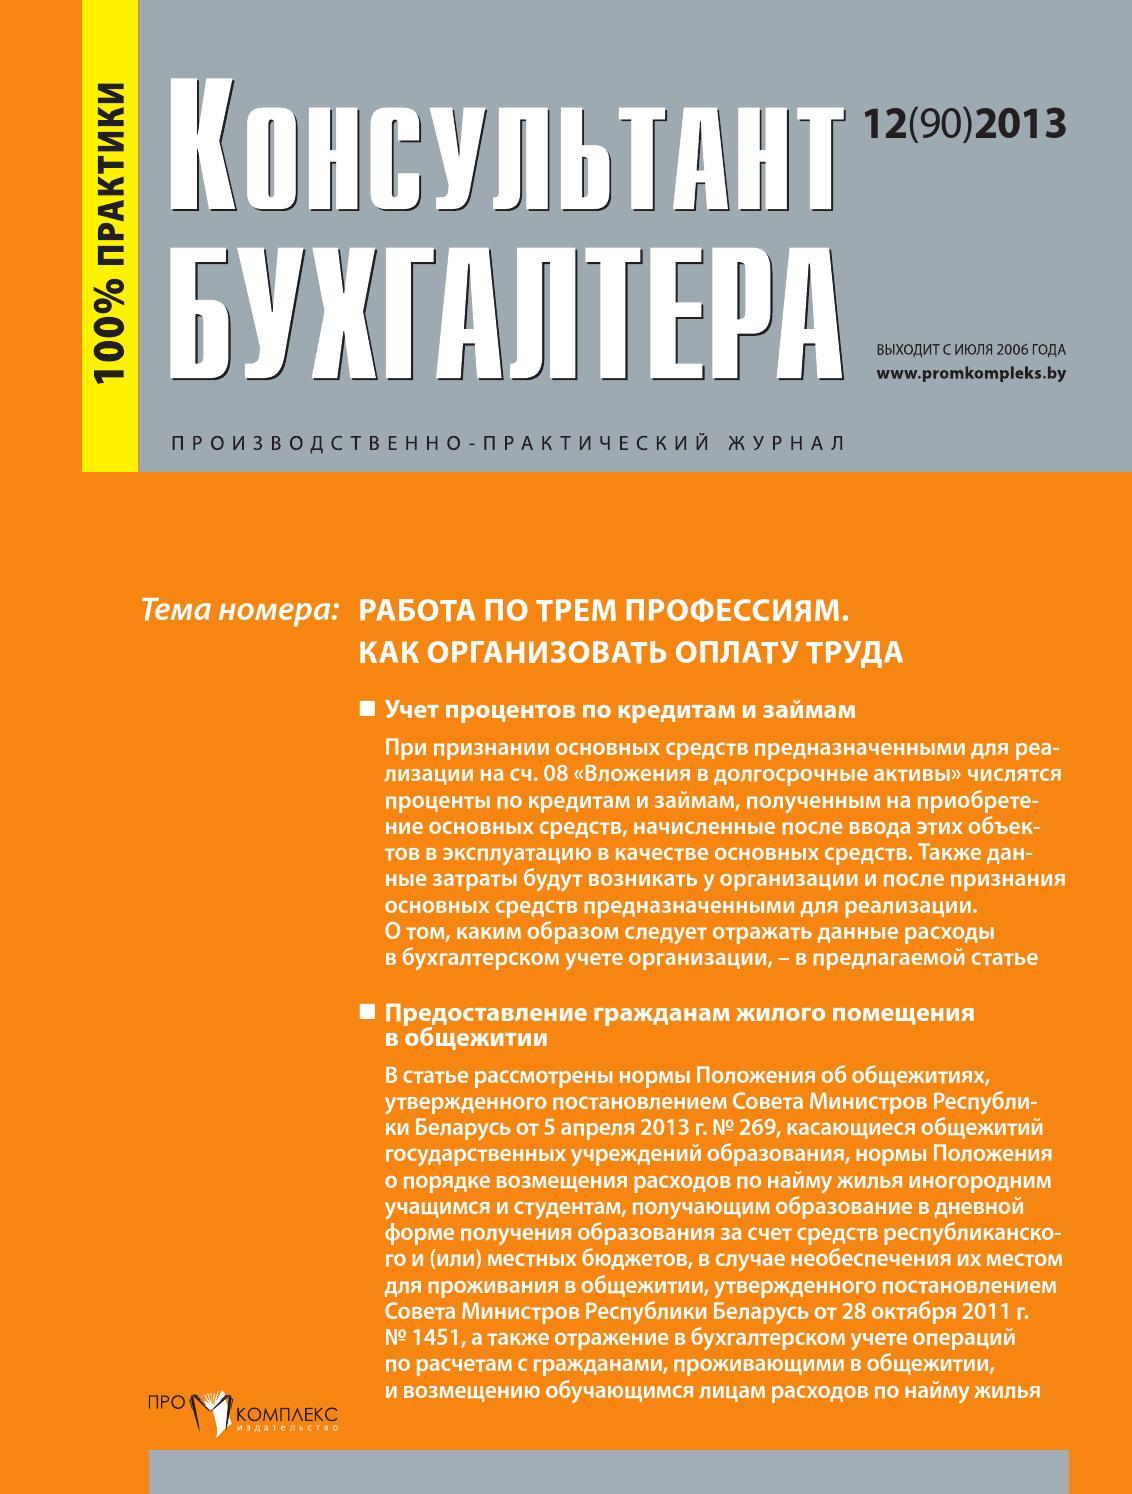 журнал по бухгалтерии для бюджетных организаций